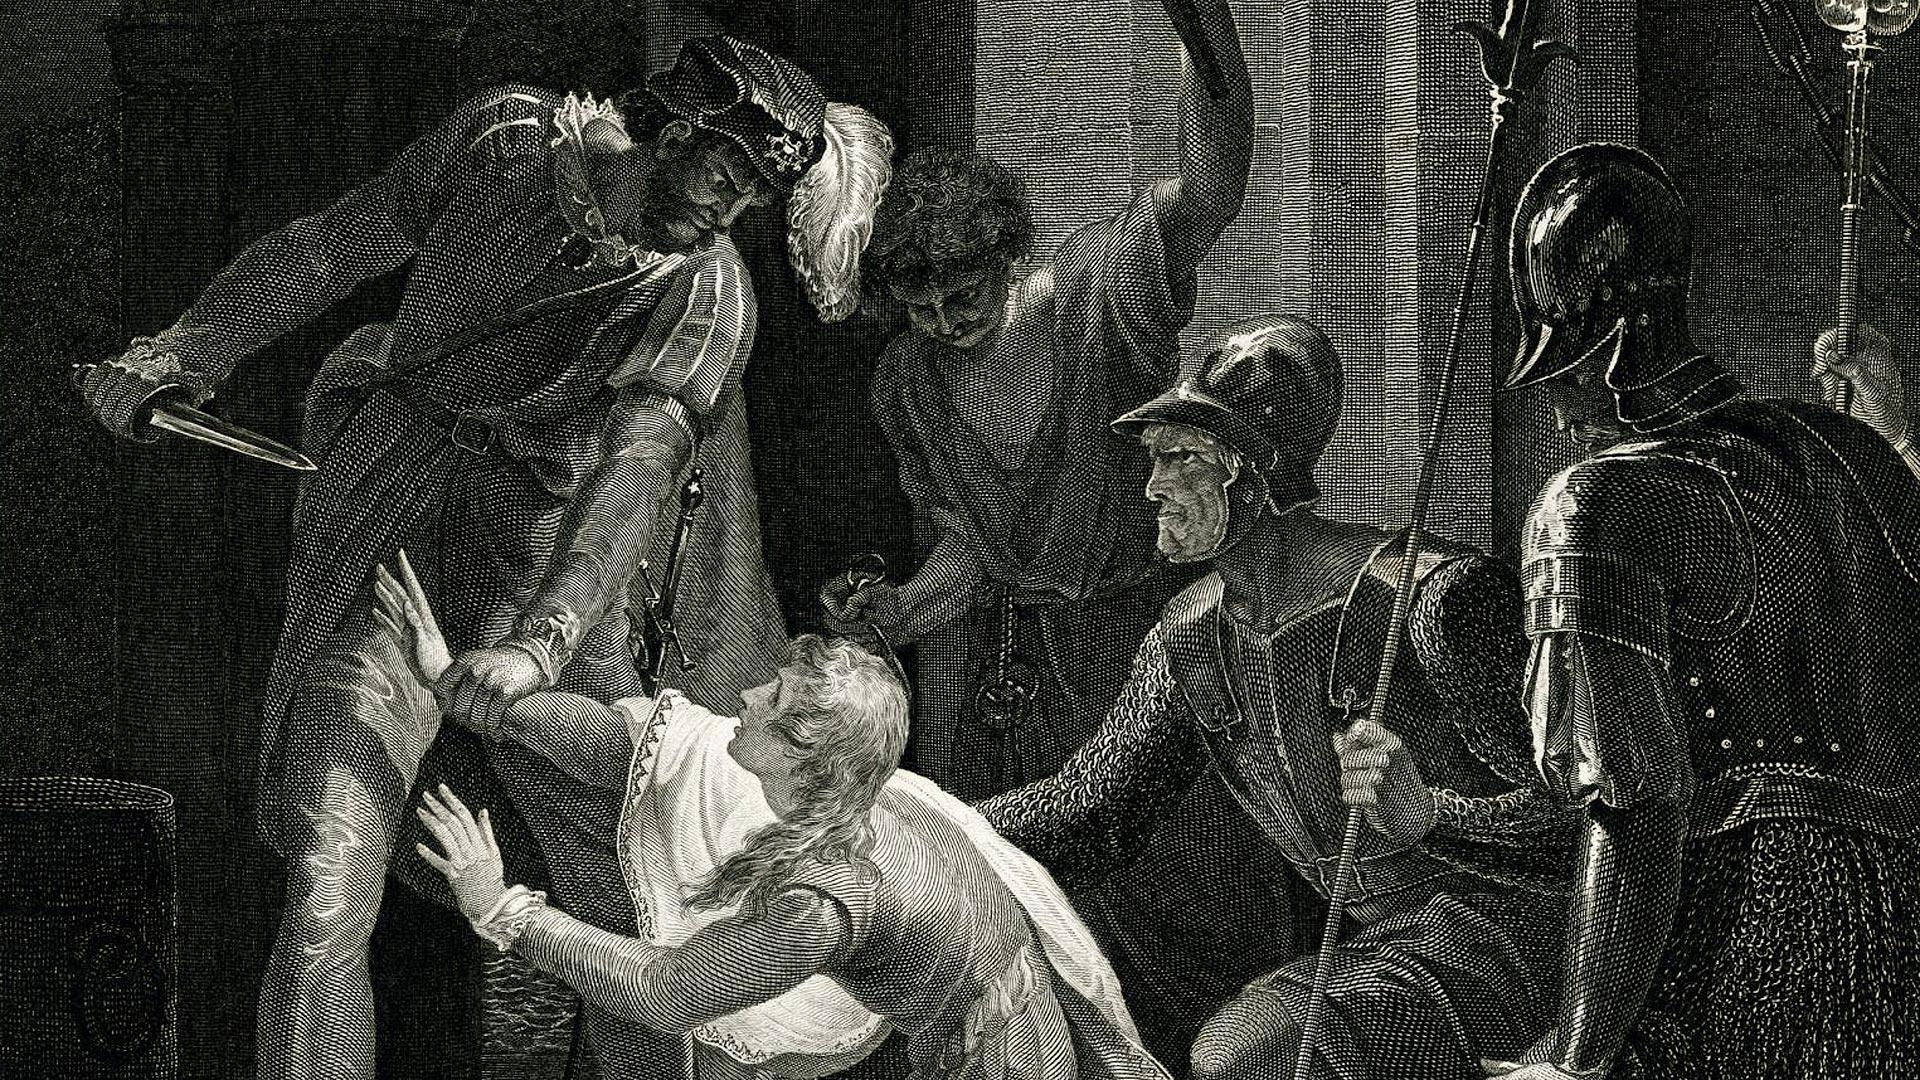 The origins of Magna Carta